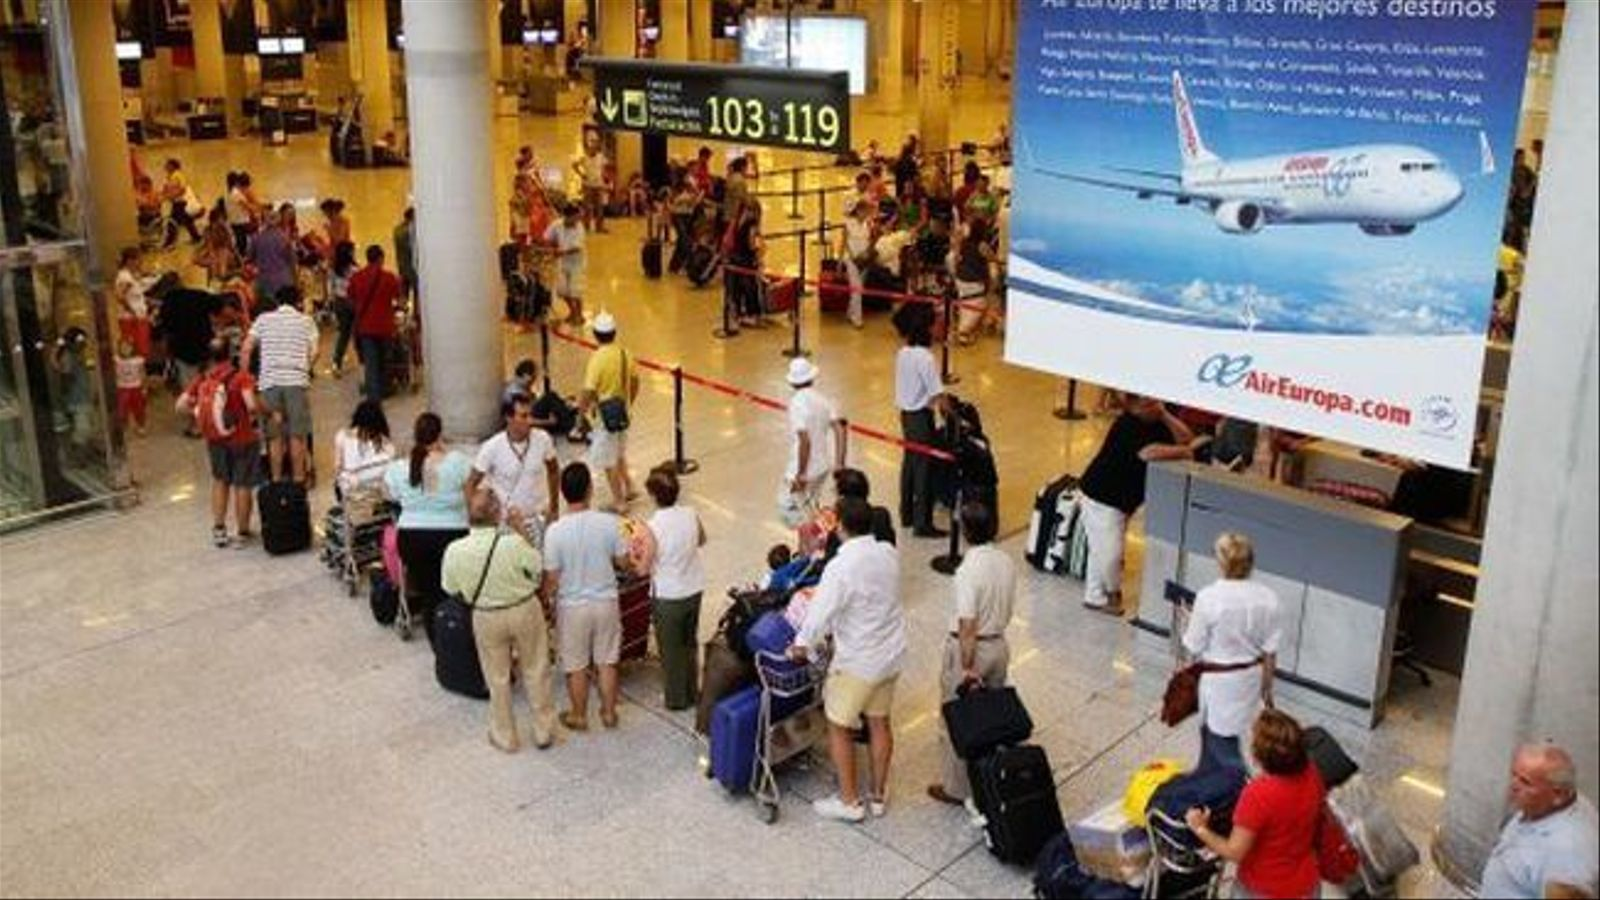 L'aeroport de Palma va rebre 839.000 usuaris durant el mes de gener.